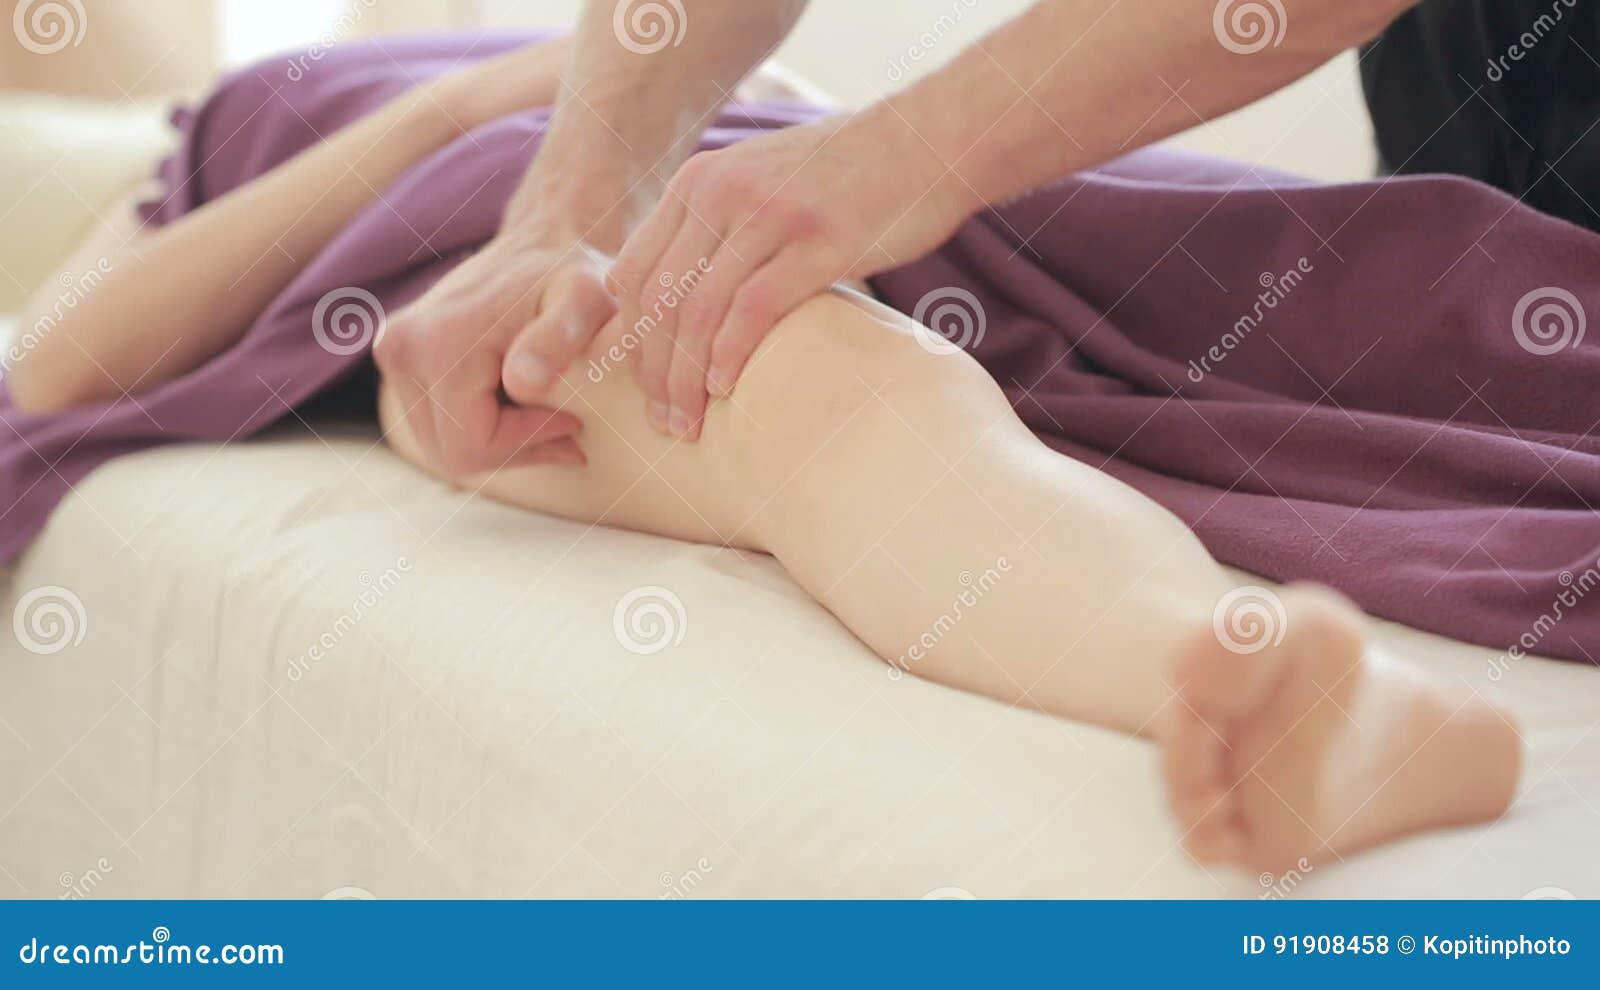 Мужской массаж для девушек в москве индивидуалки приват